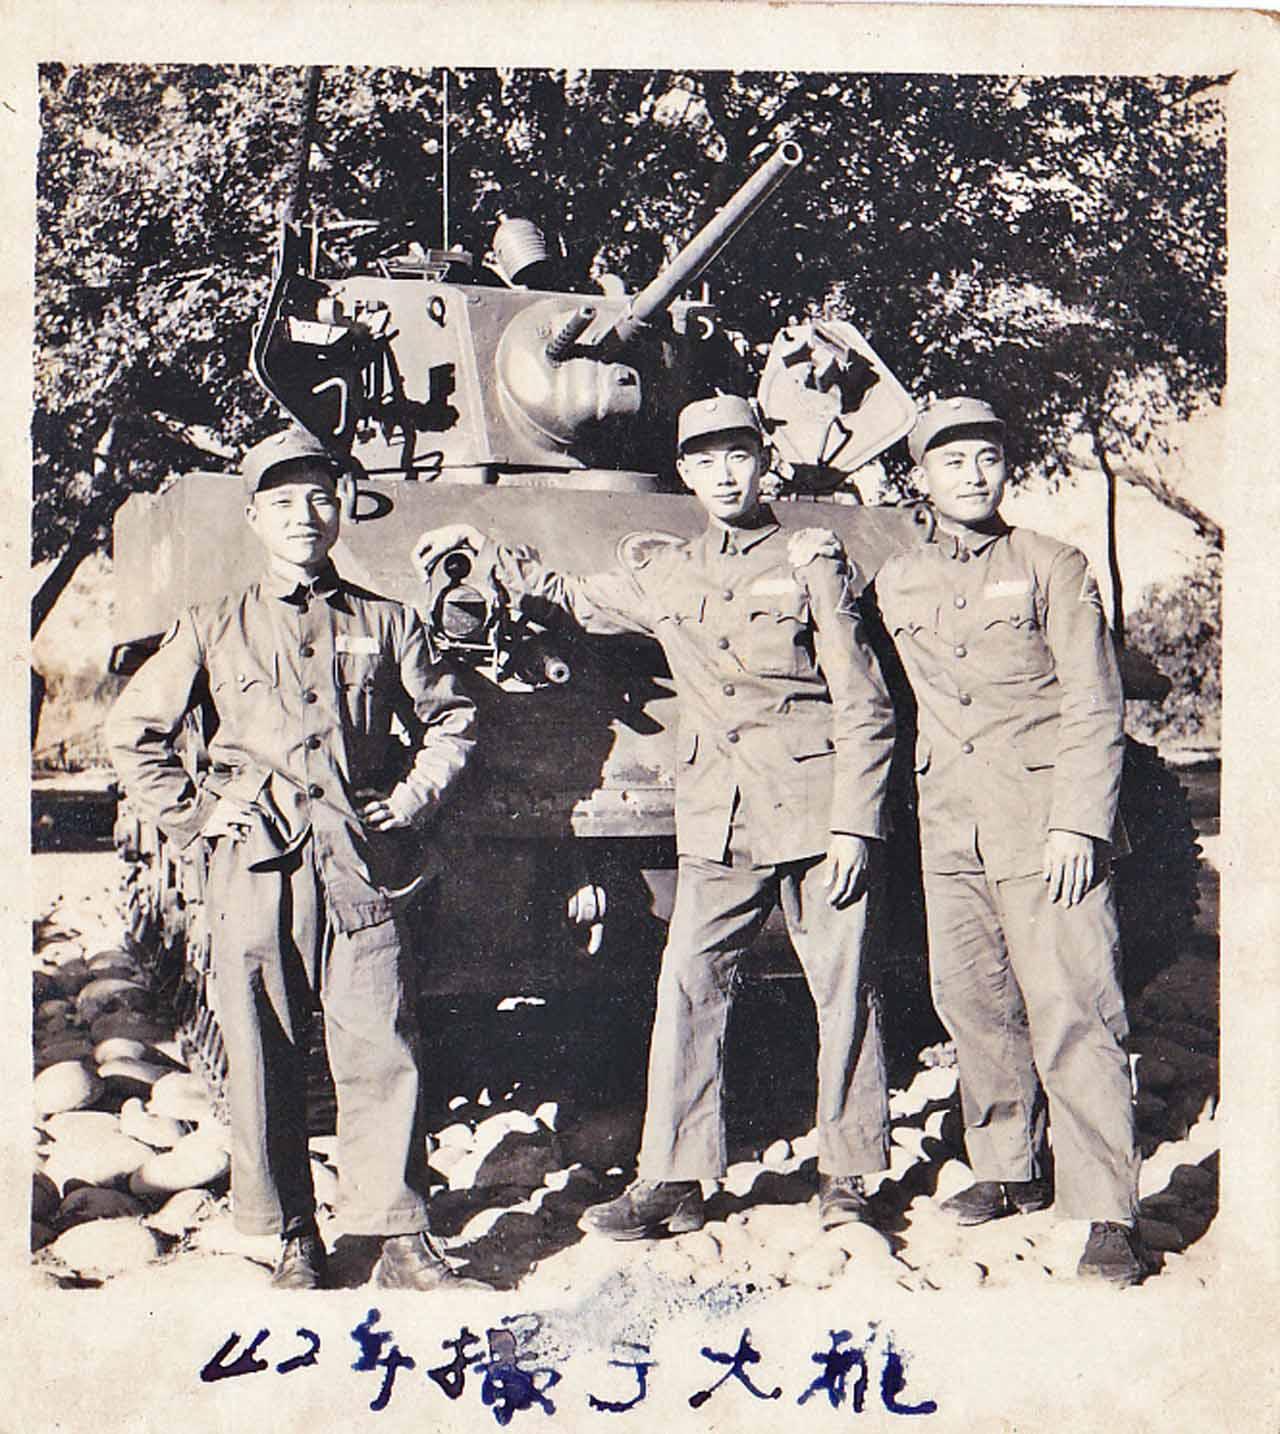 金門古寧頭大捷中的「金門之熊」~M5A1型戰車 - 中國國民黨黃復興黨部 - udn部落格